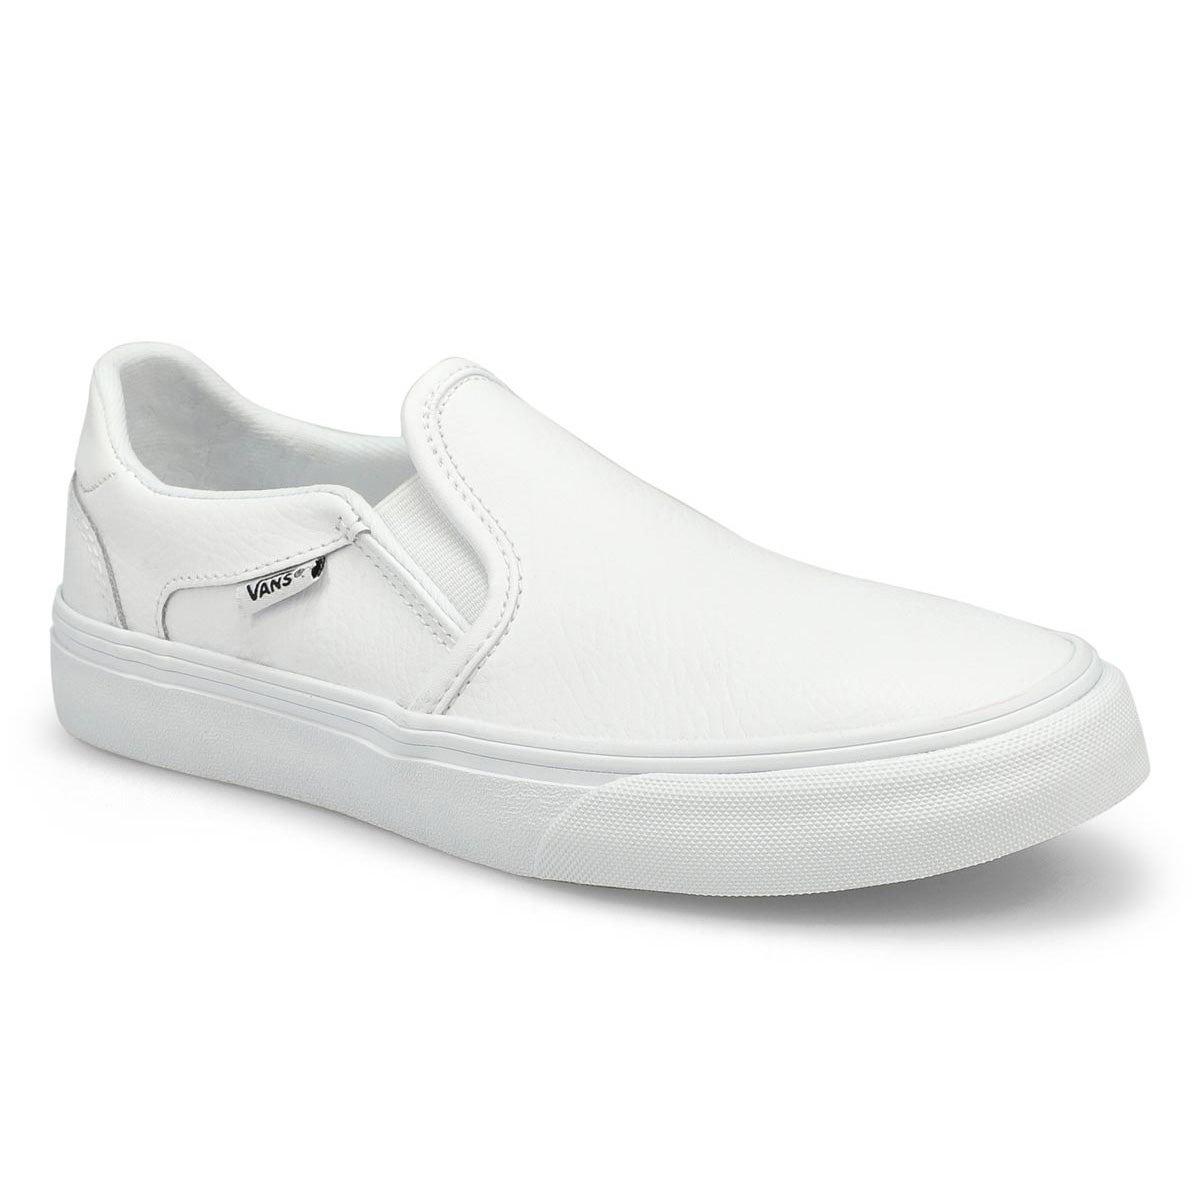 Women's Asher Deluxe Sneaker - White/White